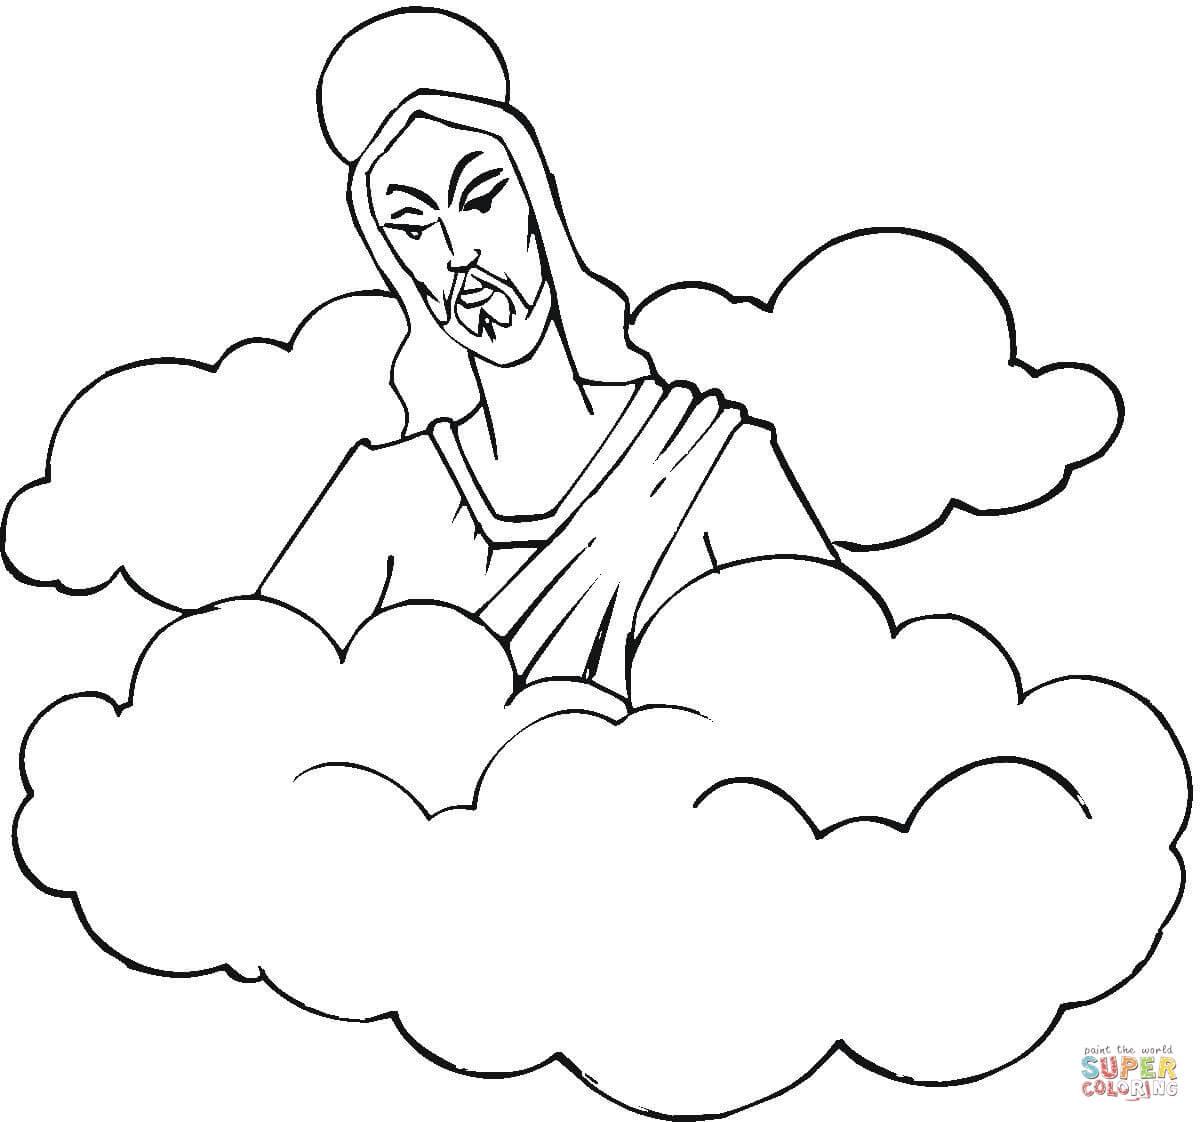 Dibujos De Resurrección De Jesús Para Colorear Páginas Para